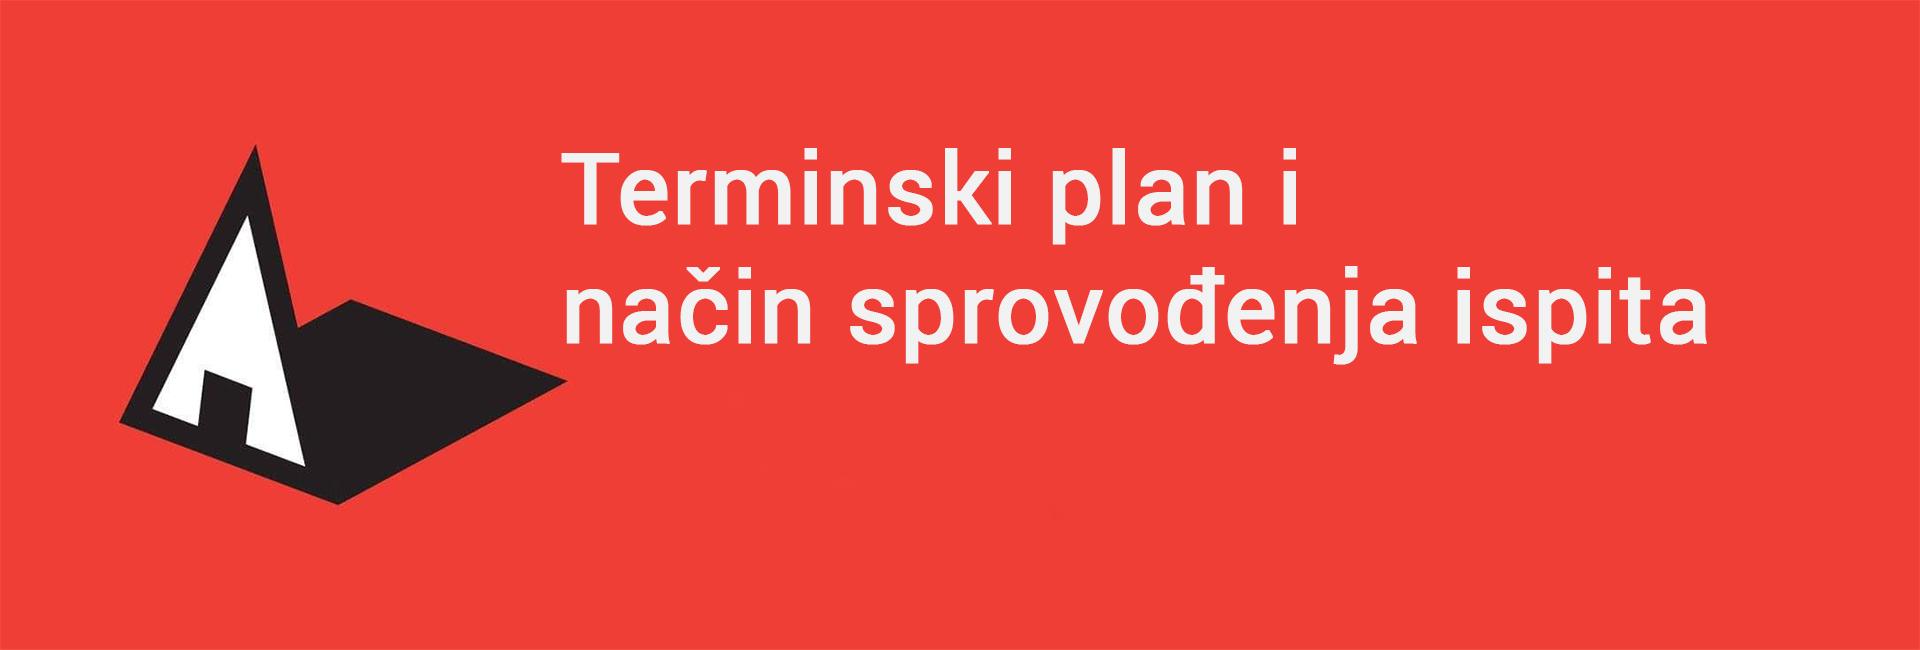 terminski plan